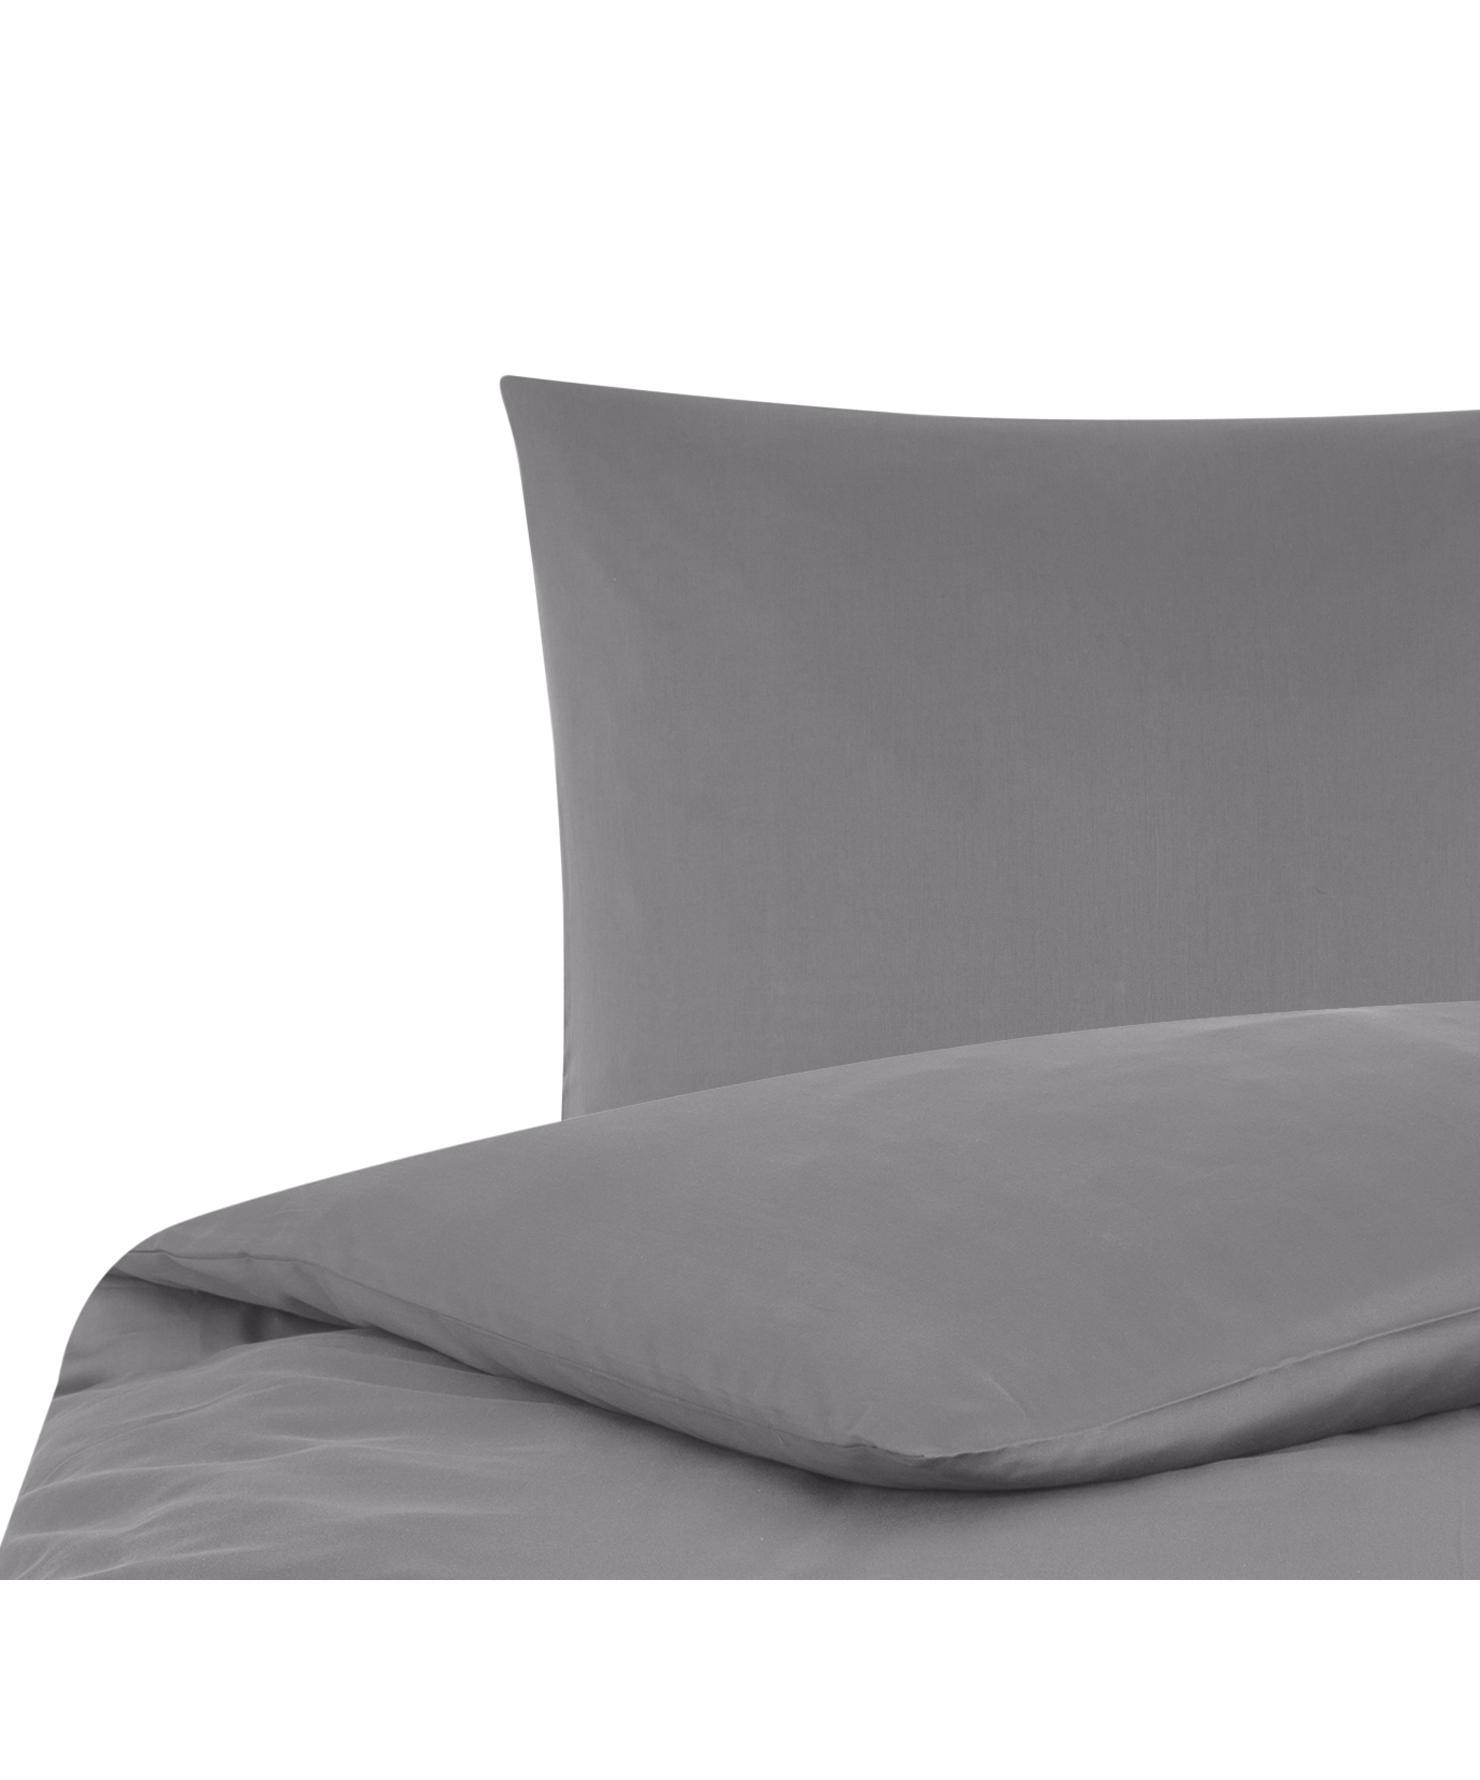 Funda nórdica de satén Comfort, Gris oscuro, Cama 90 cm (150 x 200 cm)